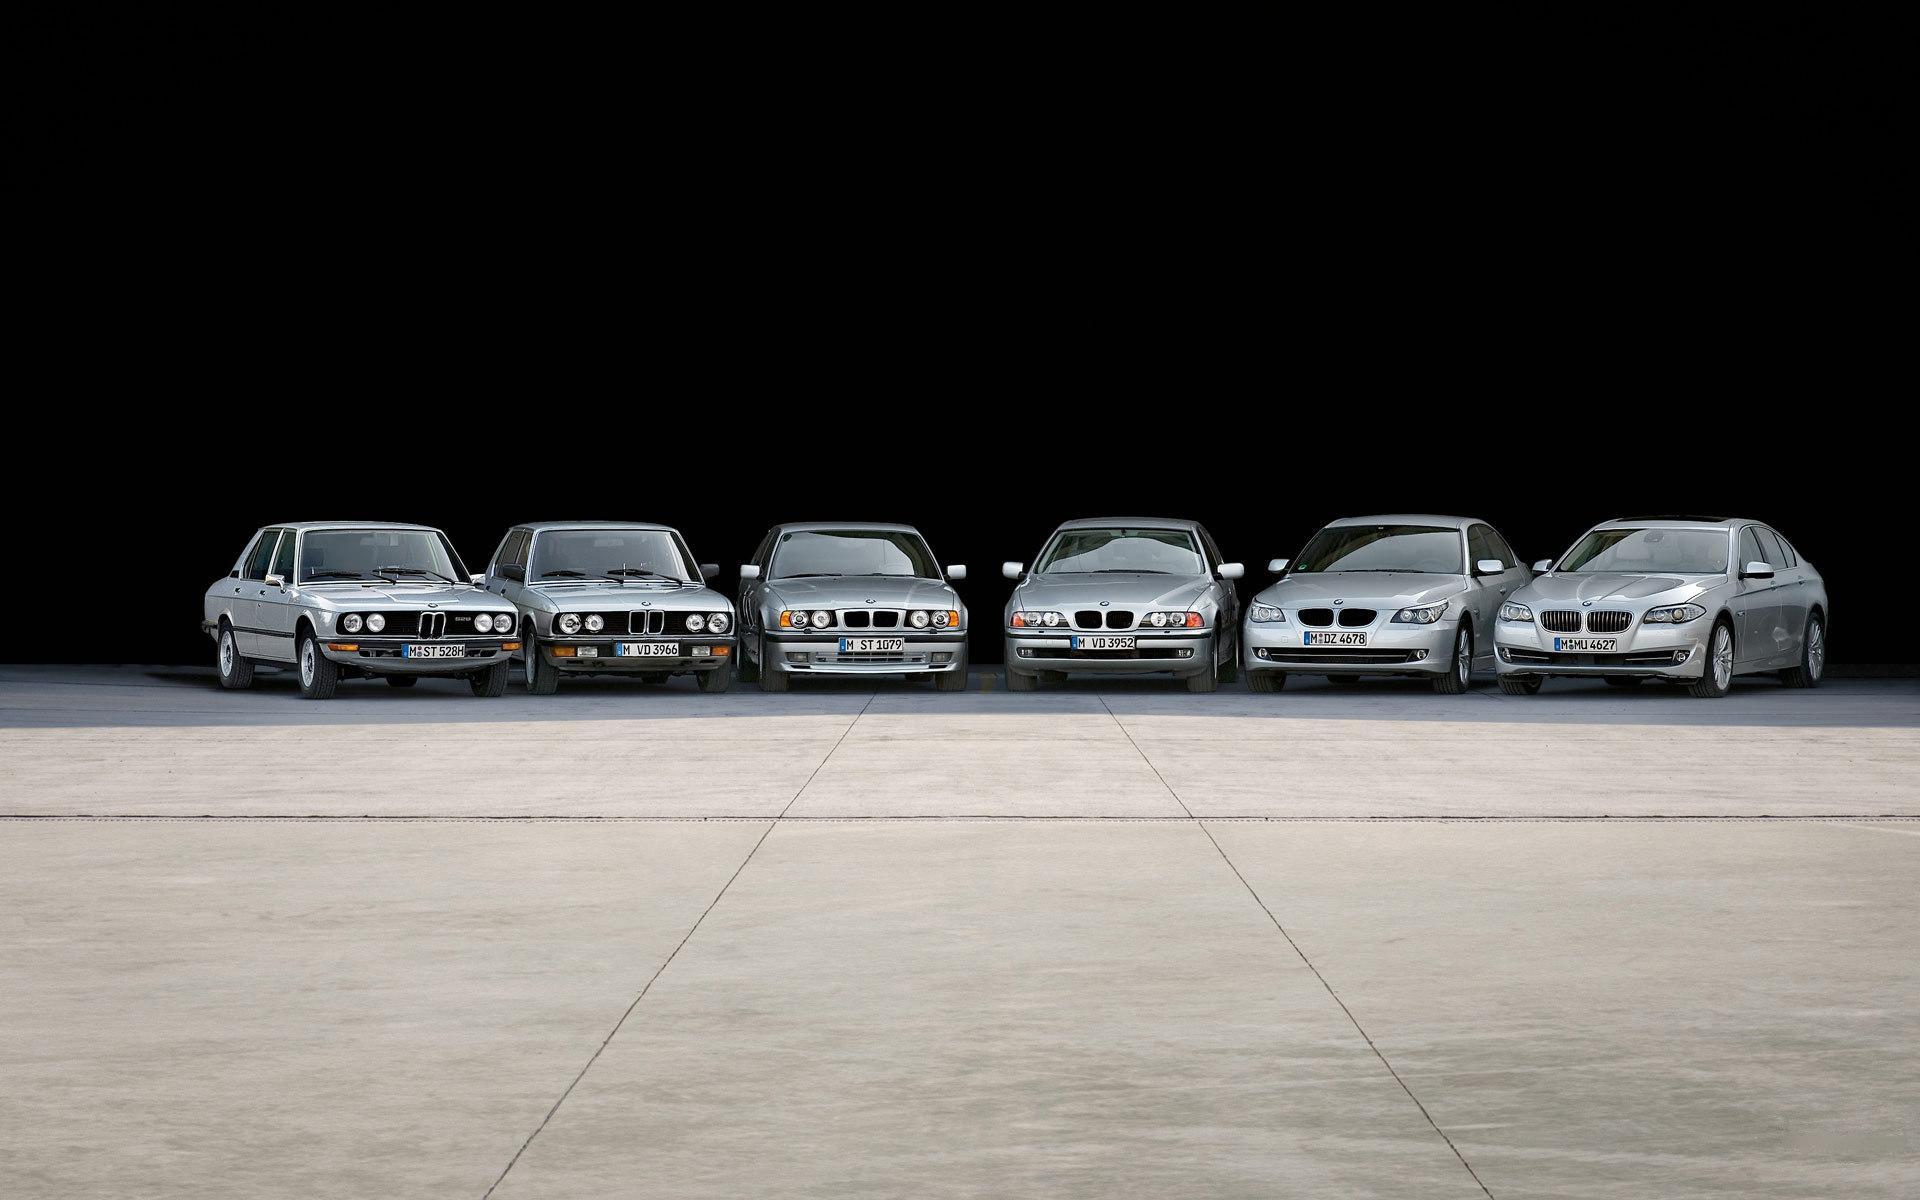 Комиссионная  продажа автомобилей.